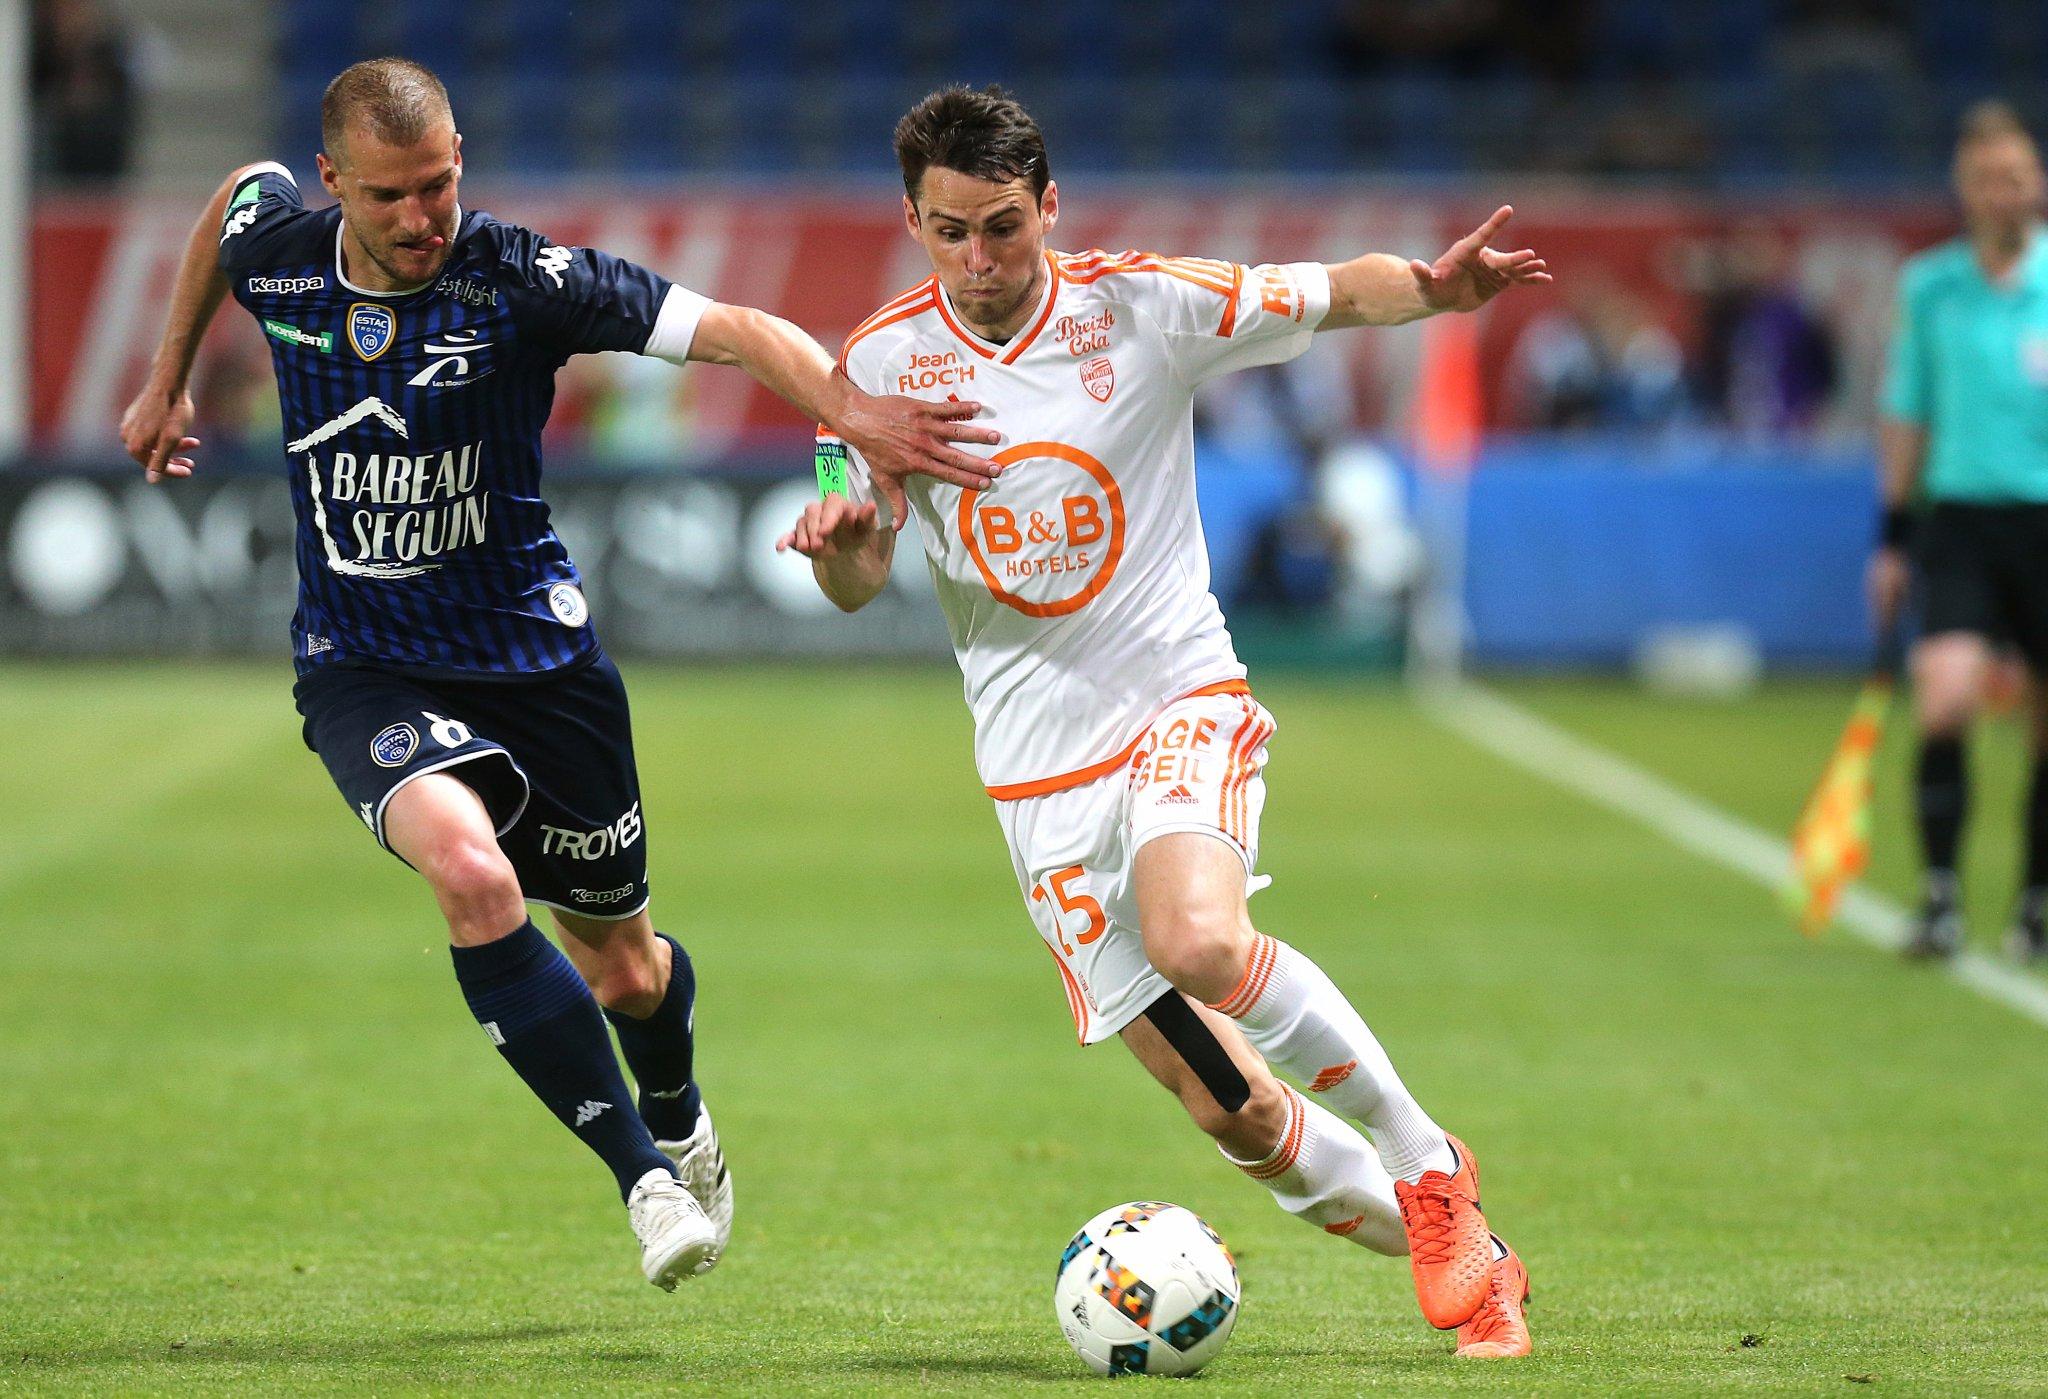 Ligue 1 - Troyes obtient sa montée aux dépens du FC Lorient, qui descend après 11 ans d'élite